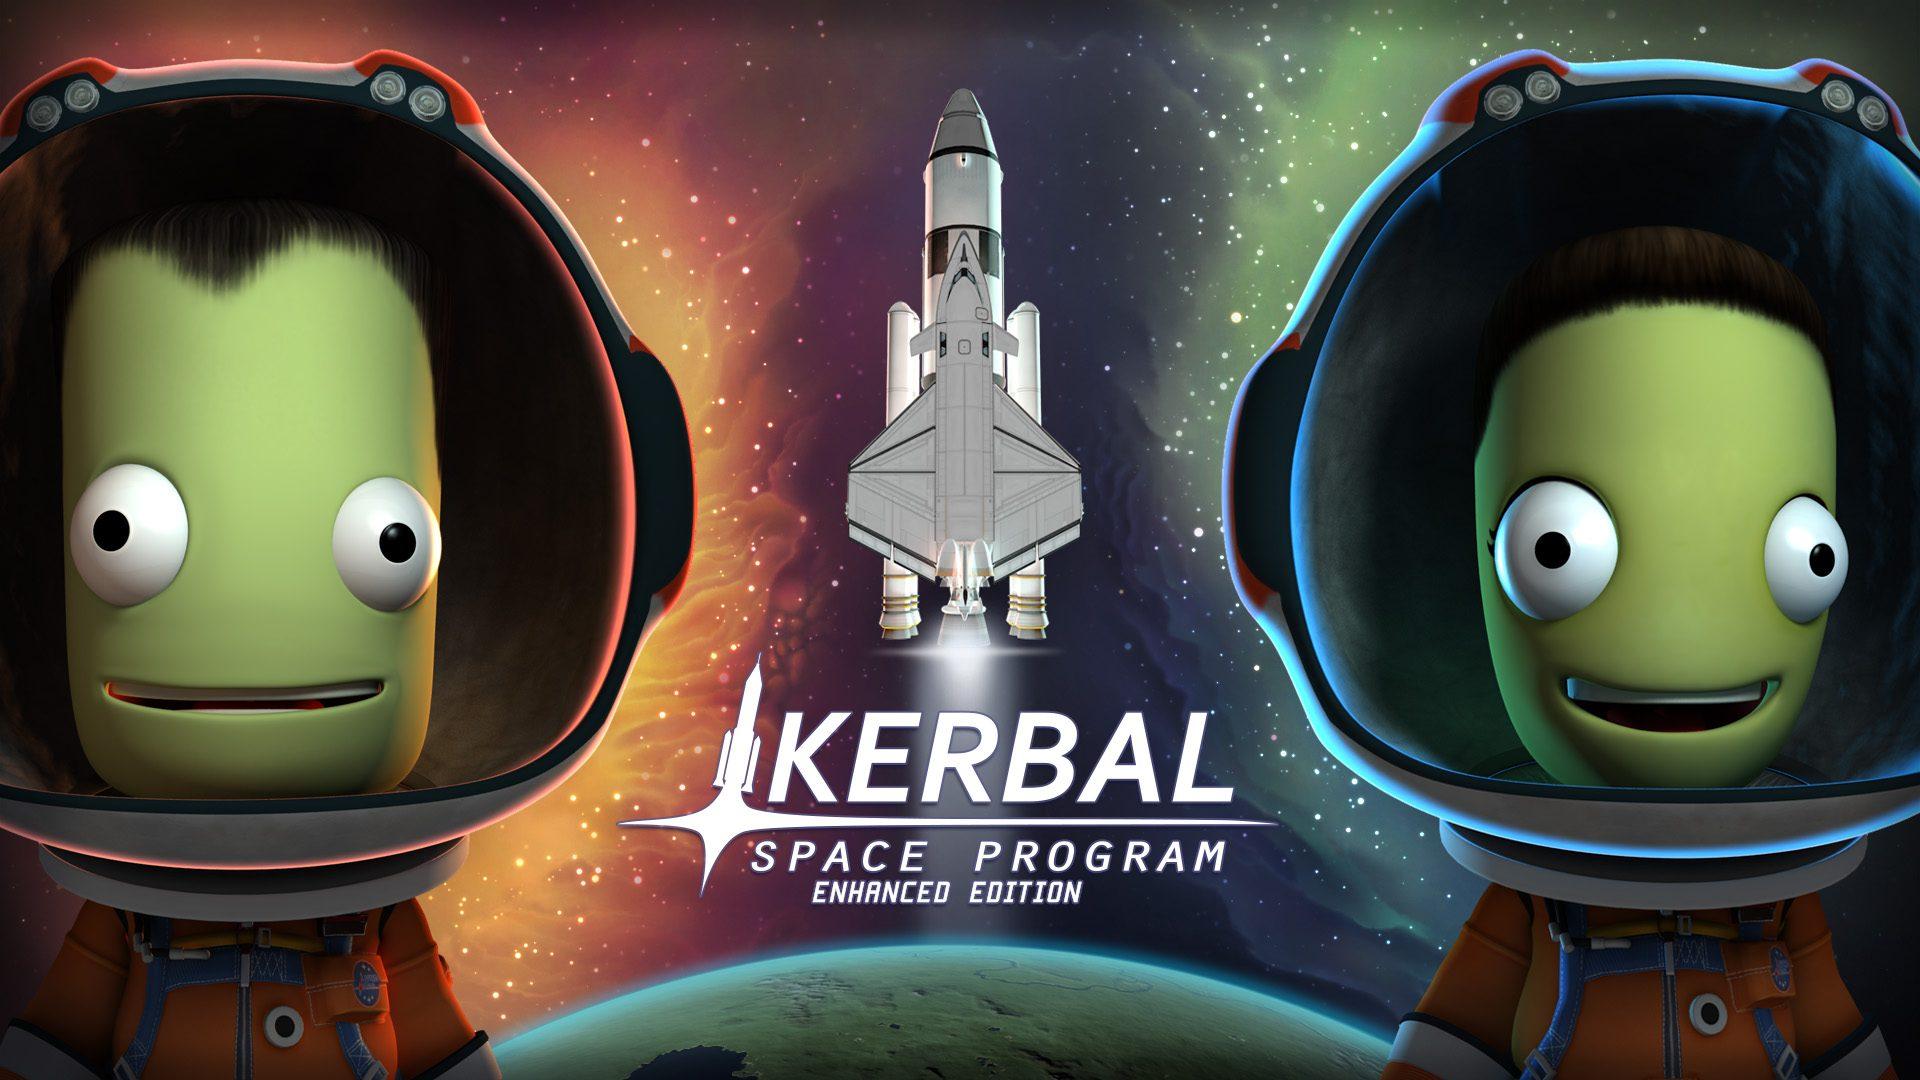 kerbalspaceprogram2 mactrast - HD1920×1080